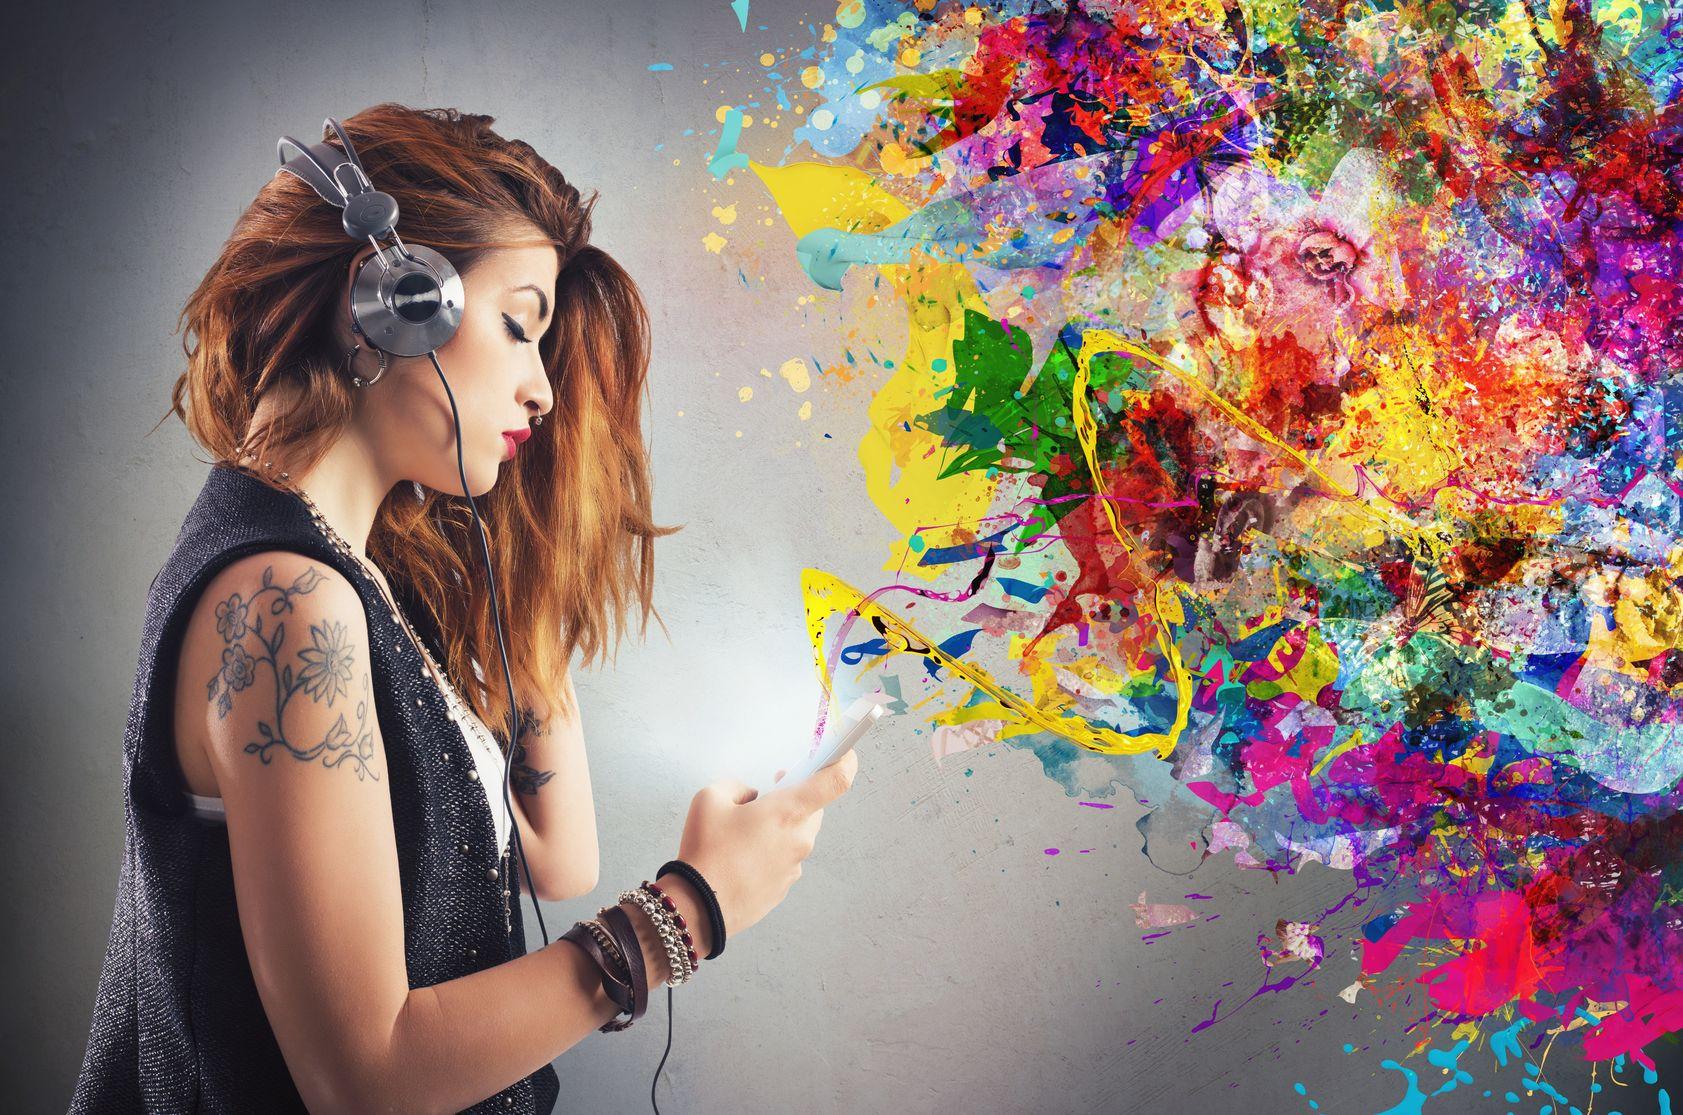 Los colores afectan su salud emocional y física